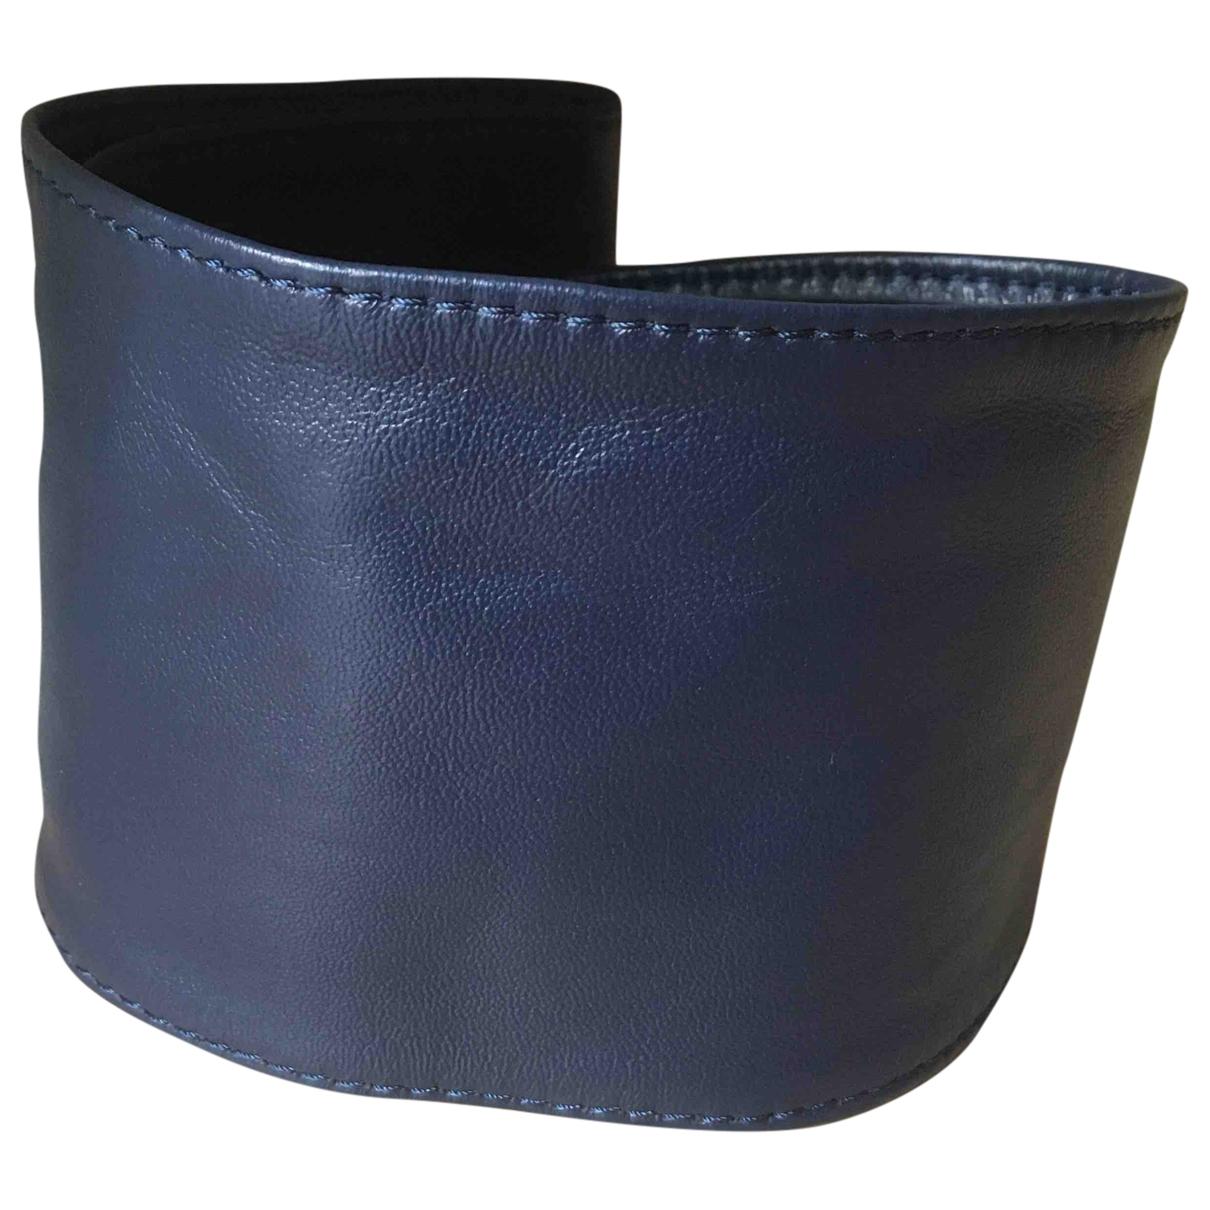 Cinturon de Cuero Designers Remix